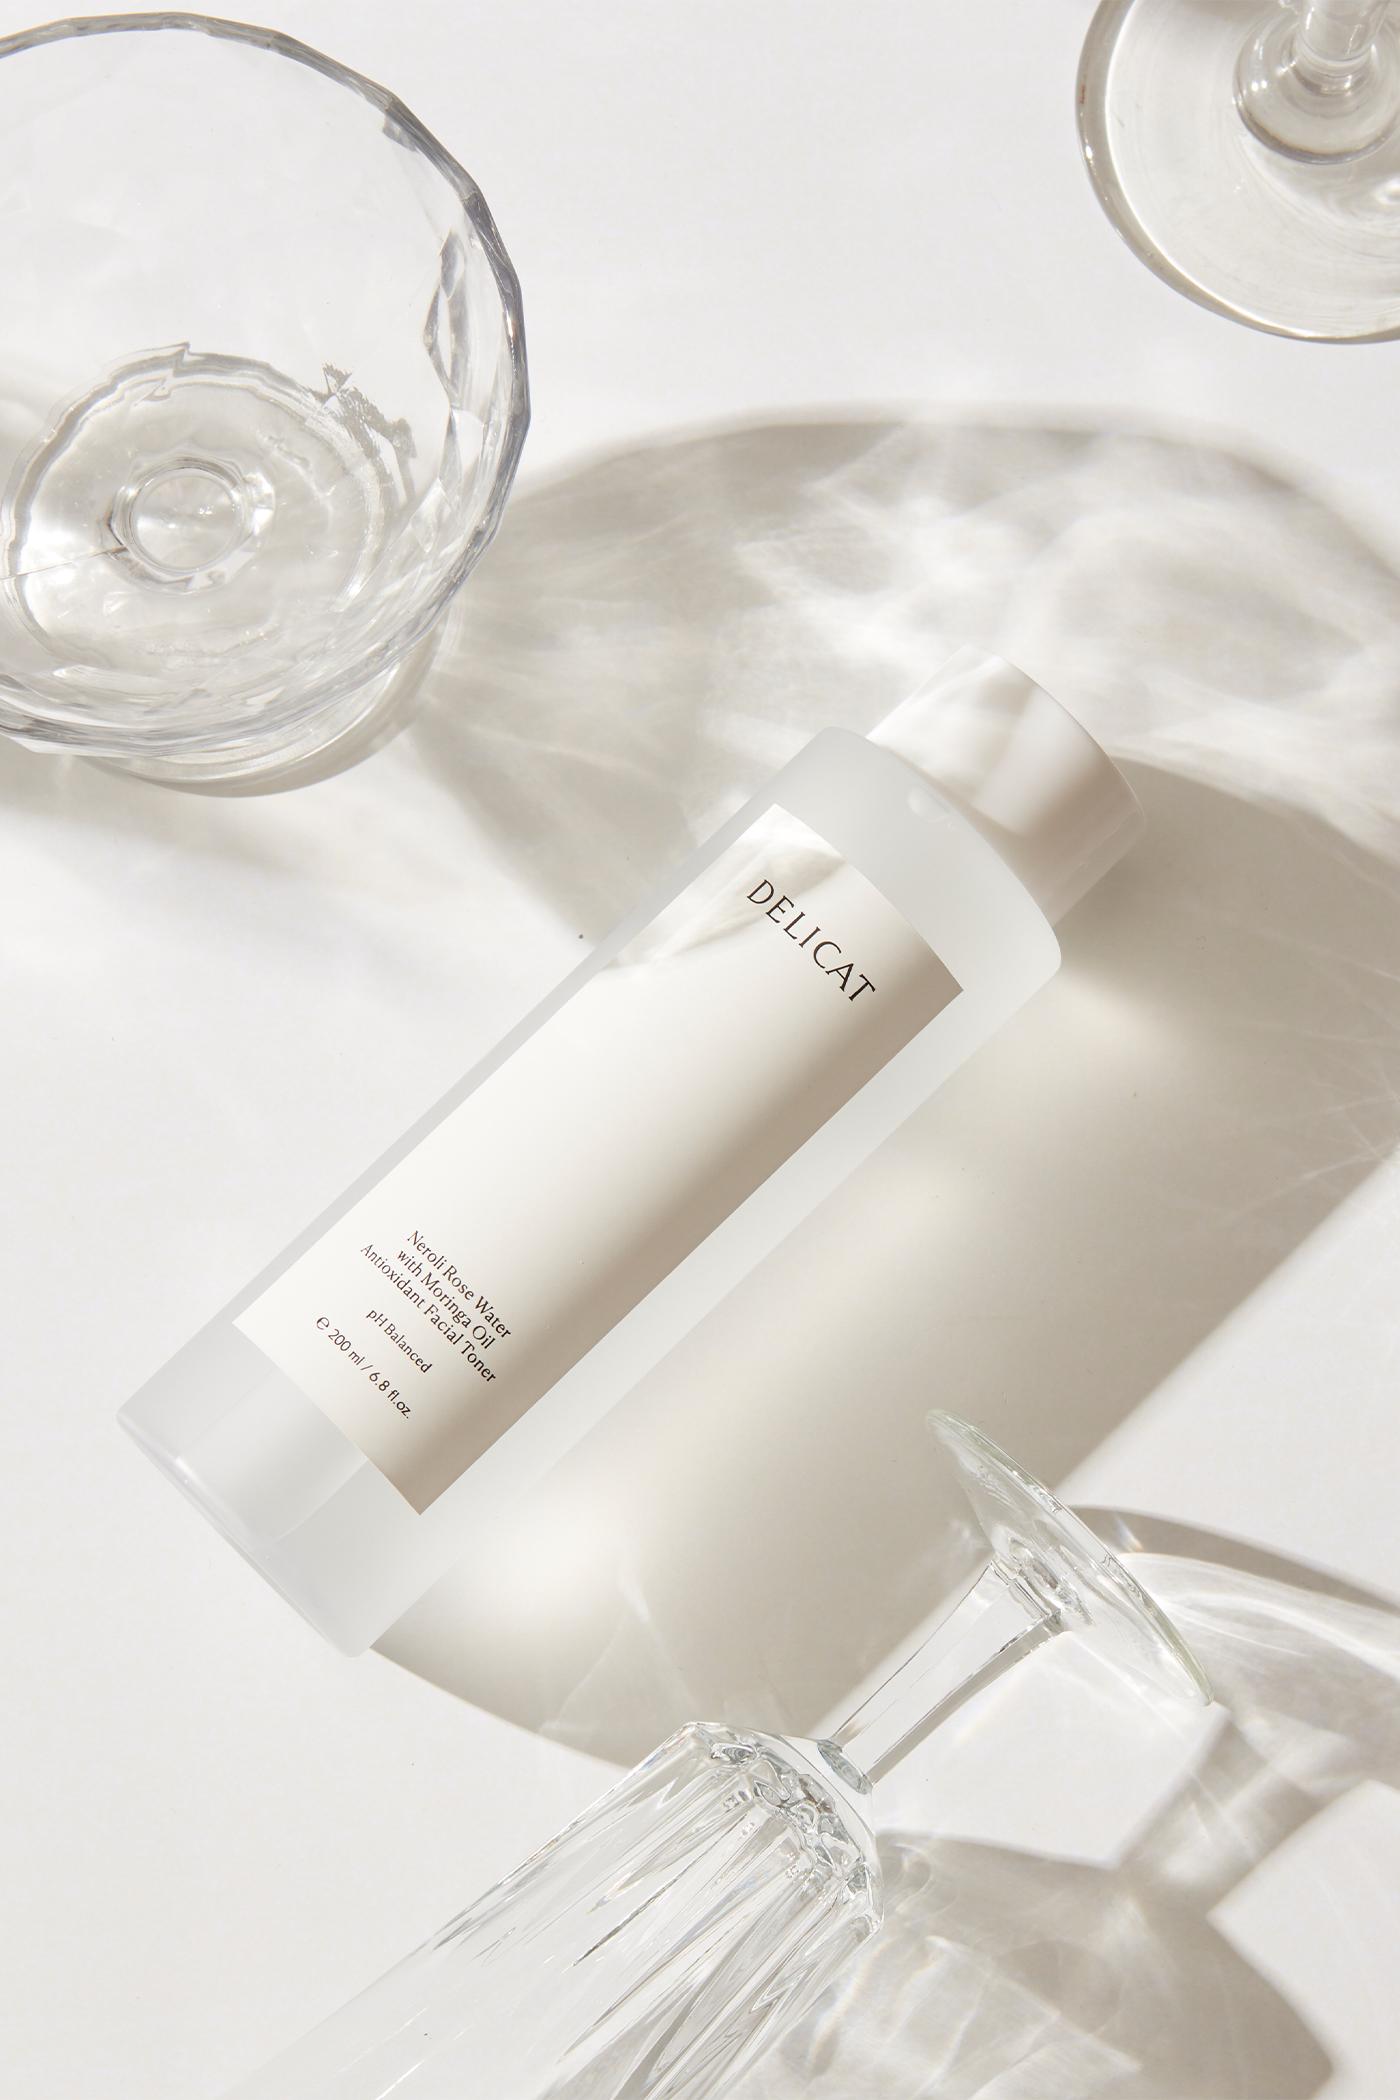 Delicat Neroli Rose Water with Moringa Oil Facial Toner